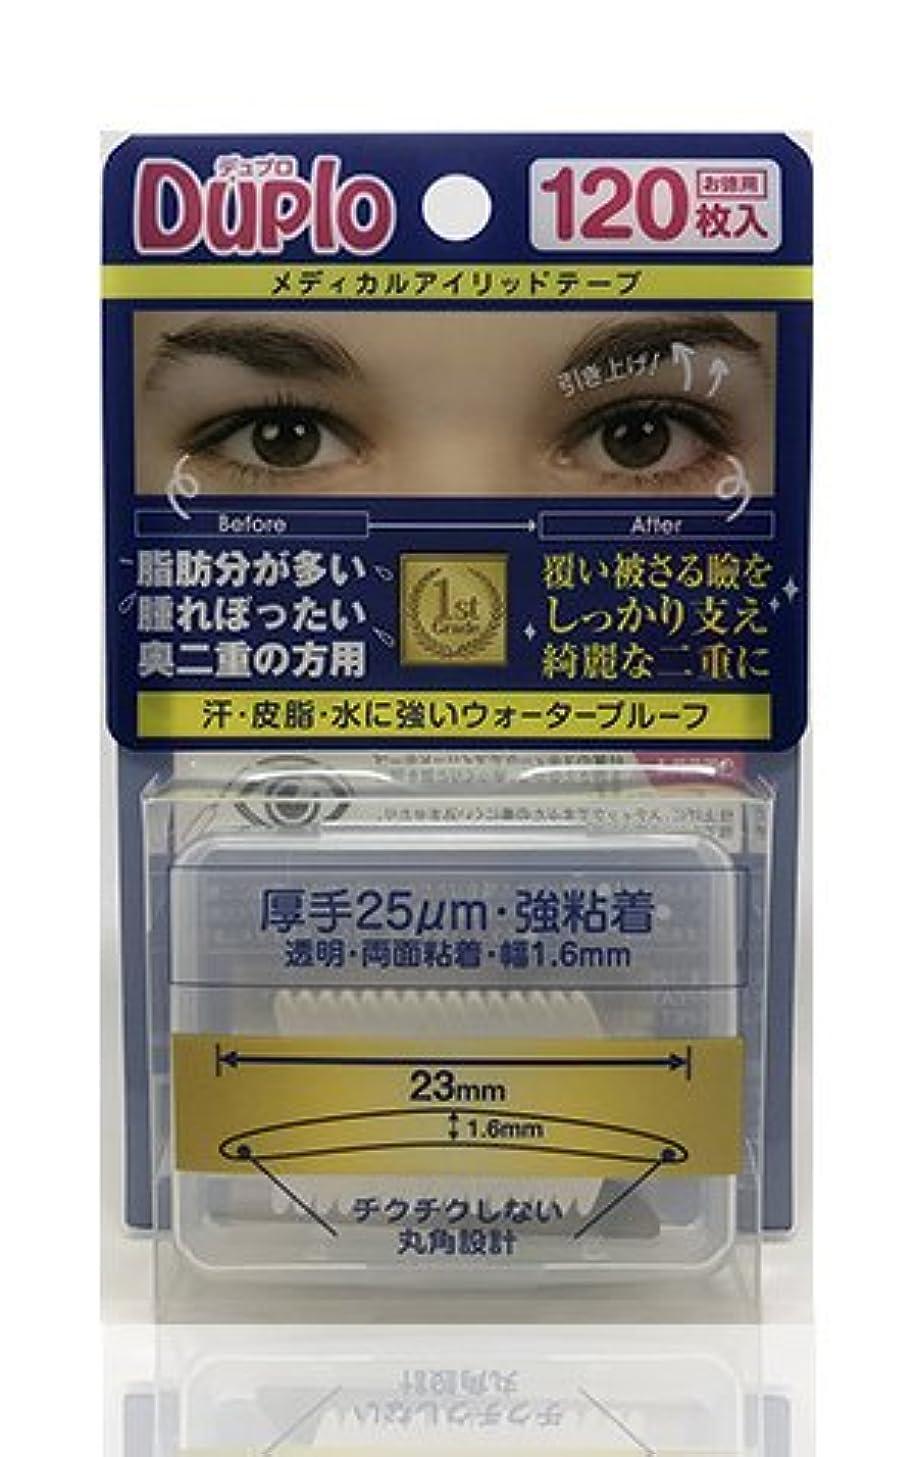 価格アンケート認可Duplo デュプロ メディカルアイリッドテープ 厚手 25μm 強粘着 (眼瞼下垂防止用テープ) 透明?両面 120枚入